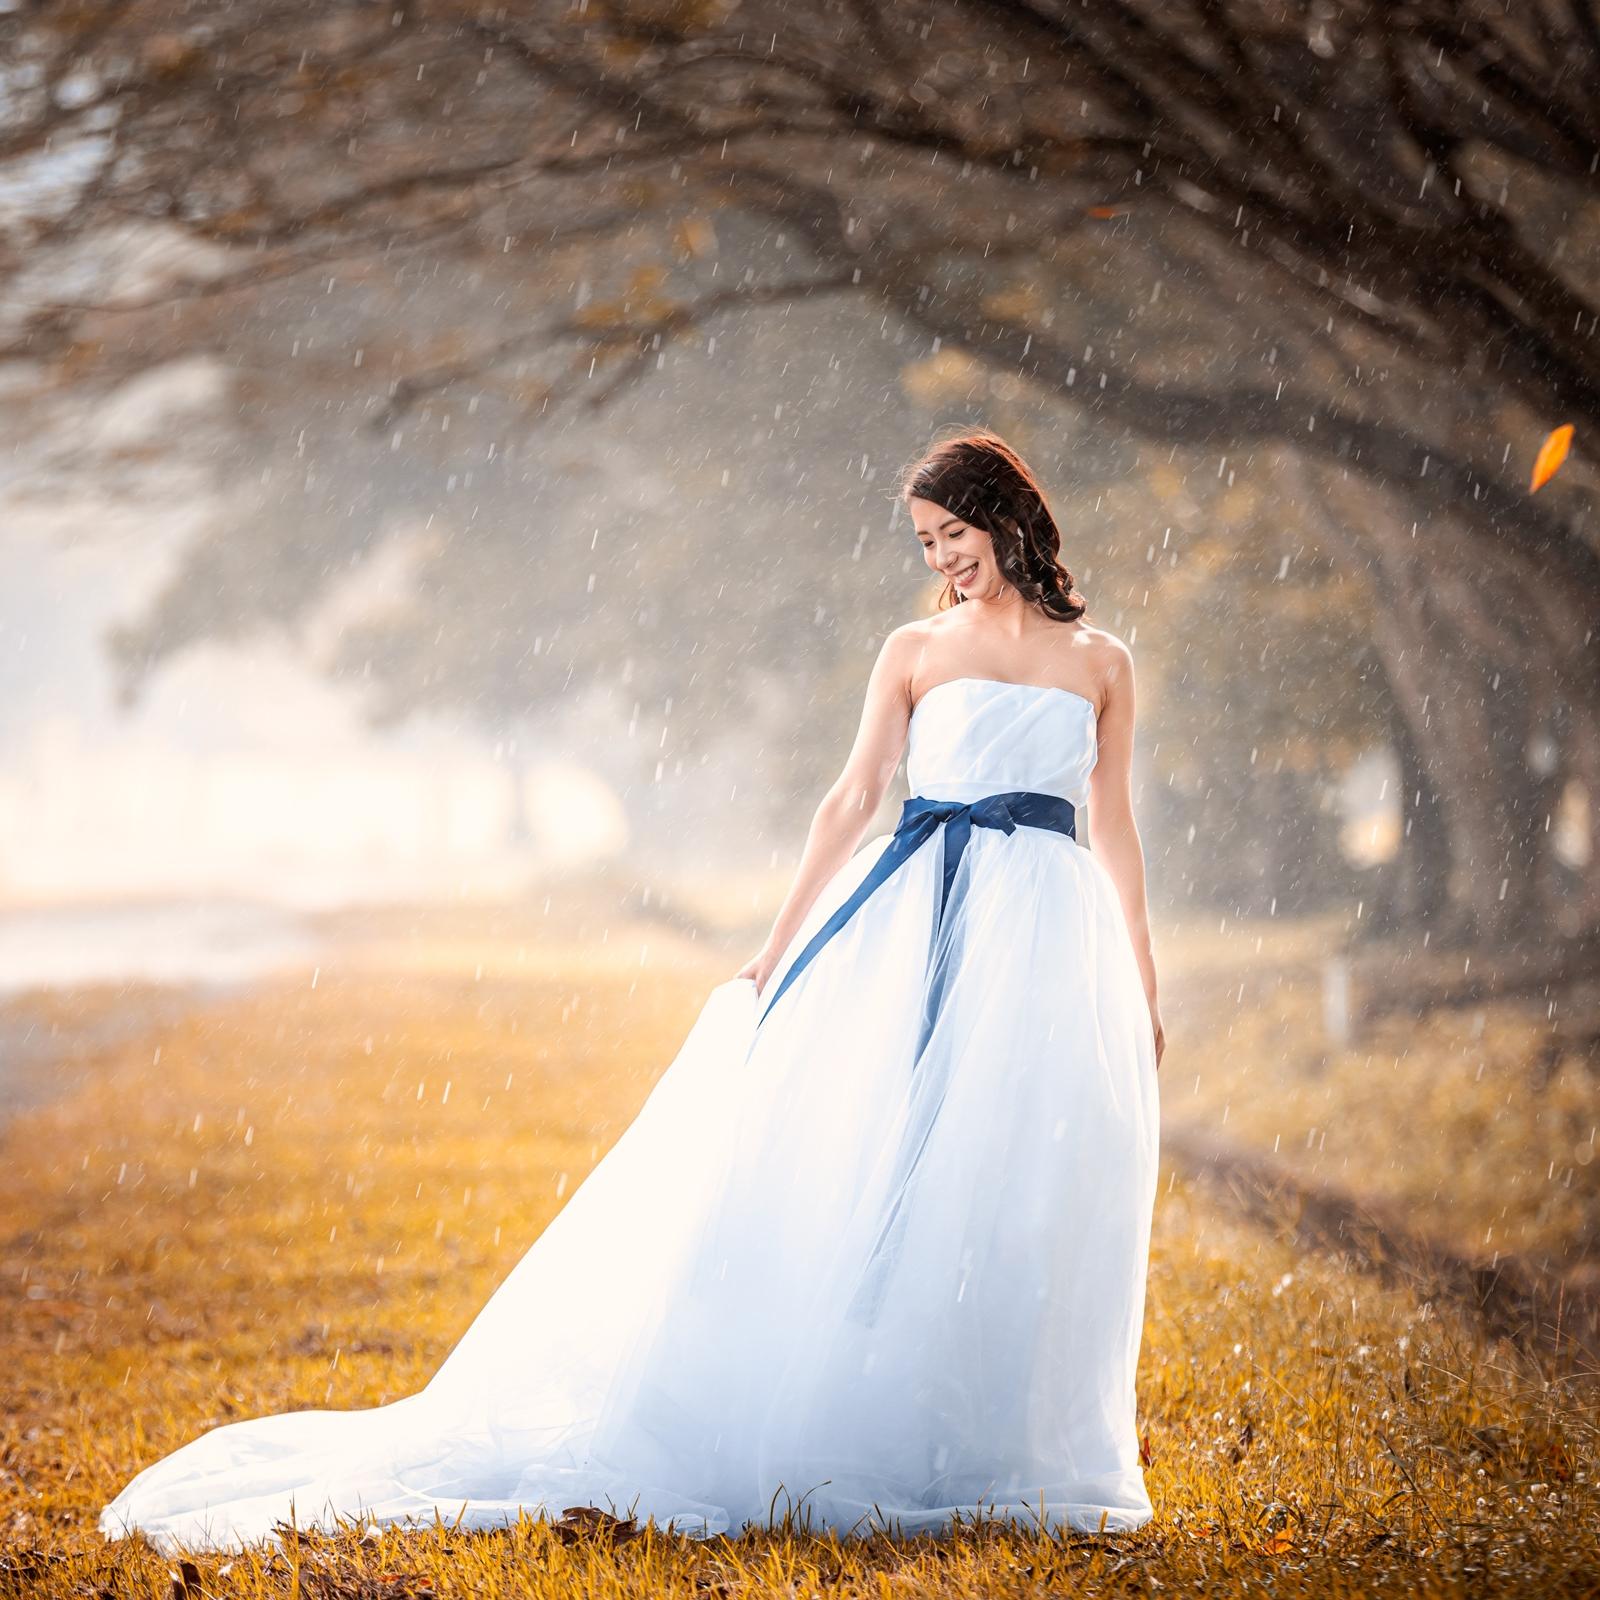 phuket pre wedding photoshoot by phuket photographer